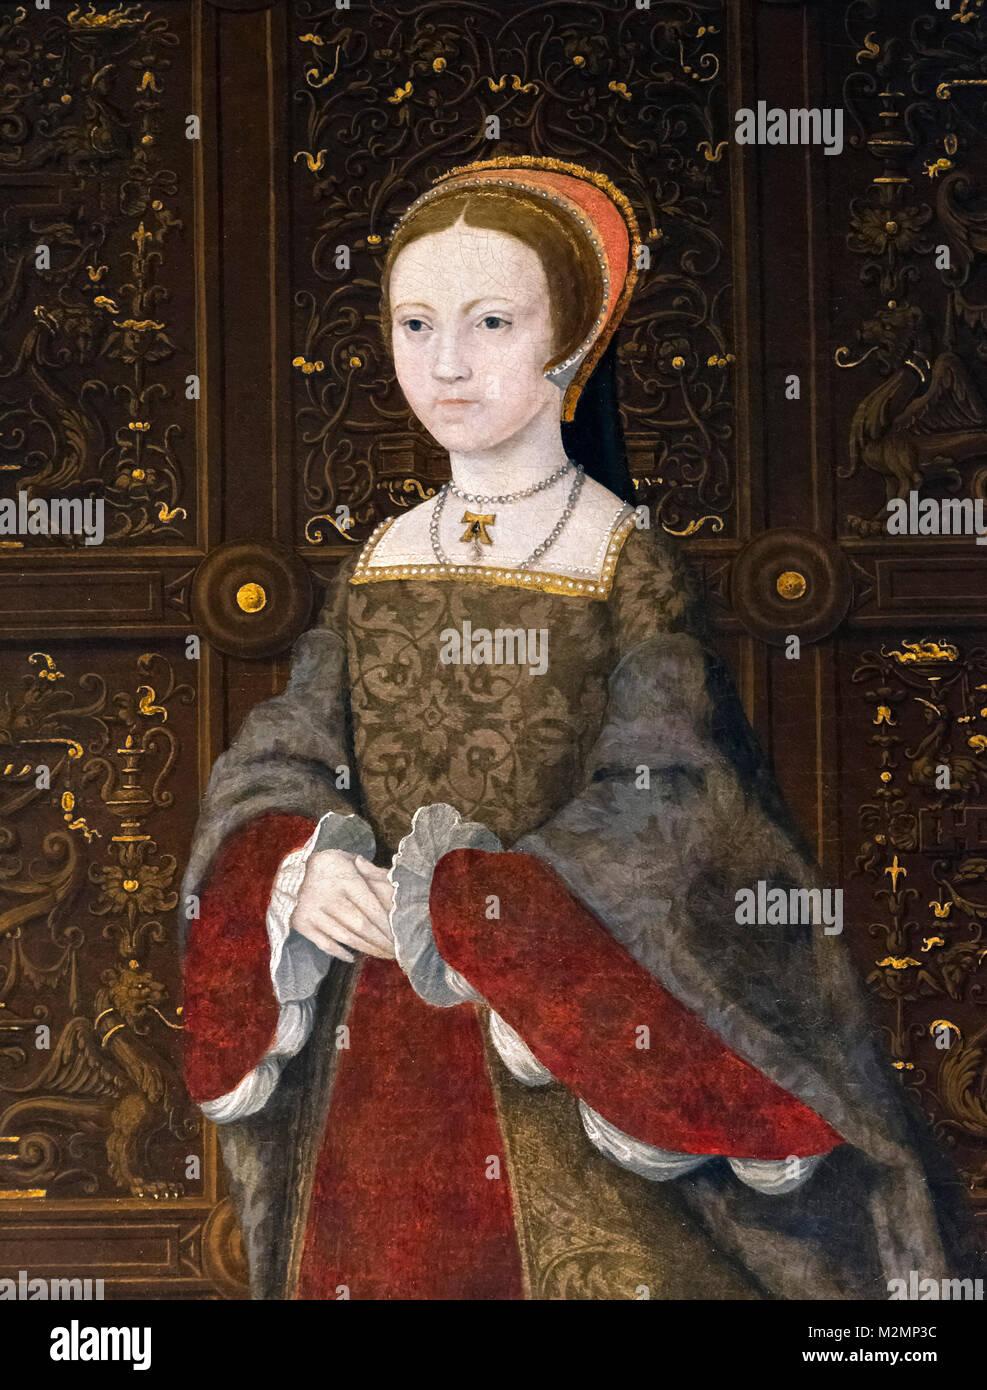 Elizabeth I. Portrait der Königin Elizabeth I (1533-1603) als Prinzessin Elisabeth im Alter von 12 Jahren. Stockbild